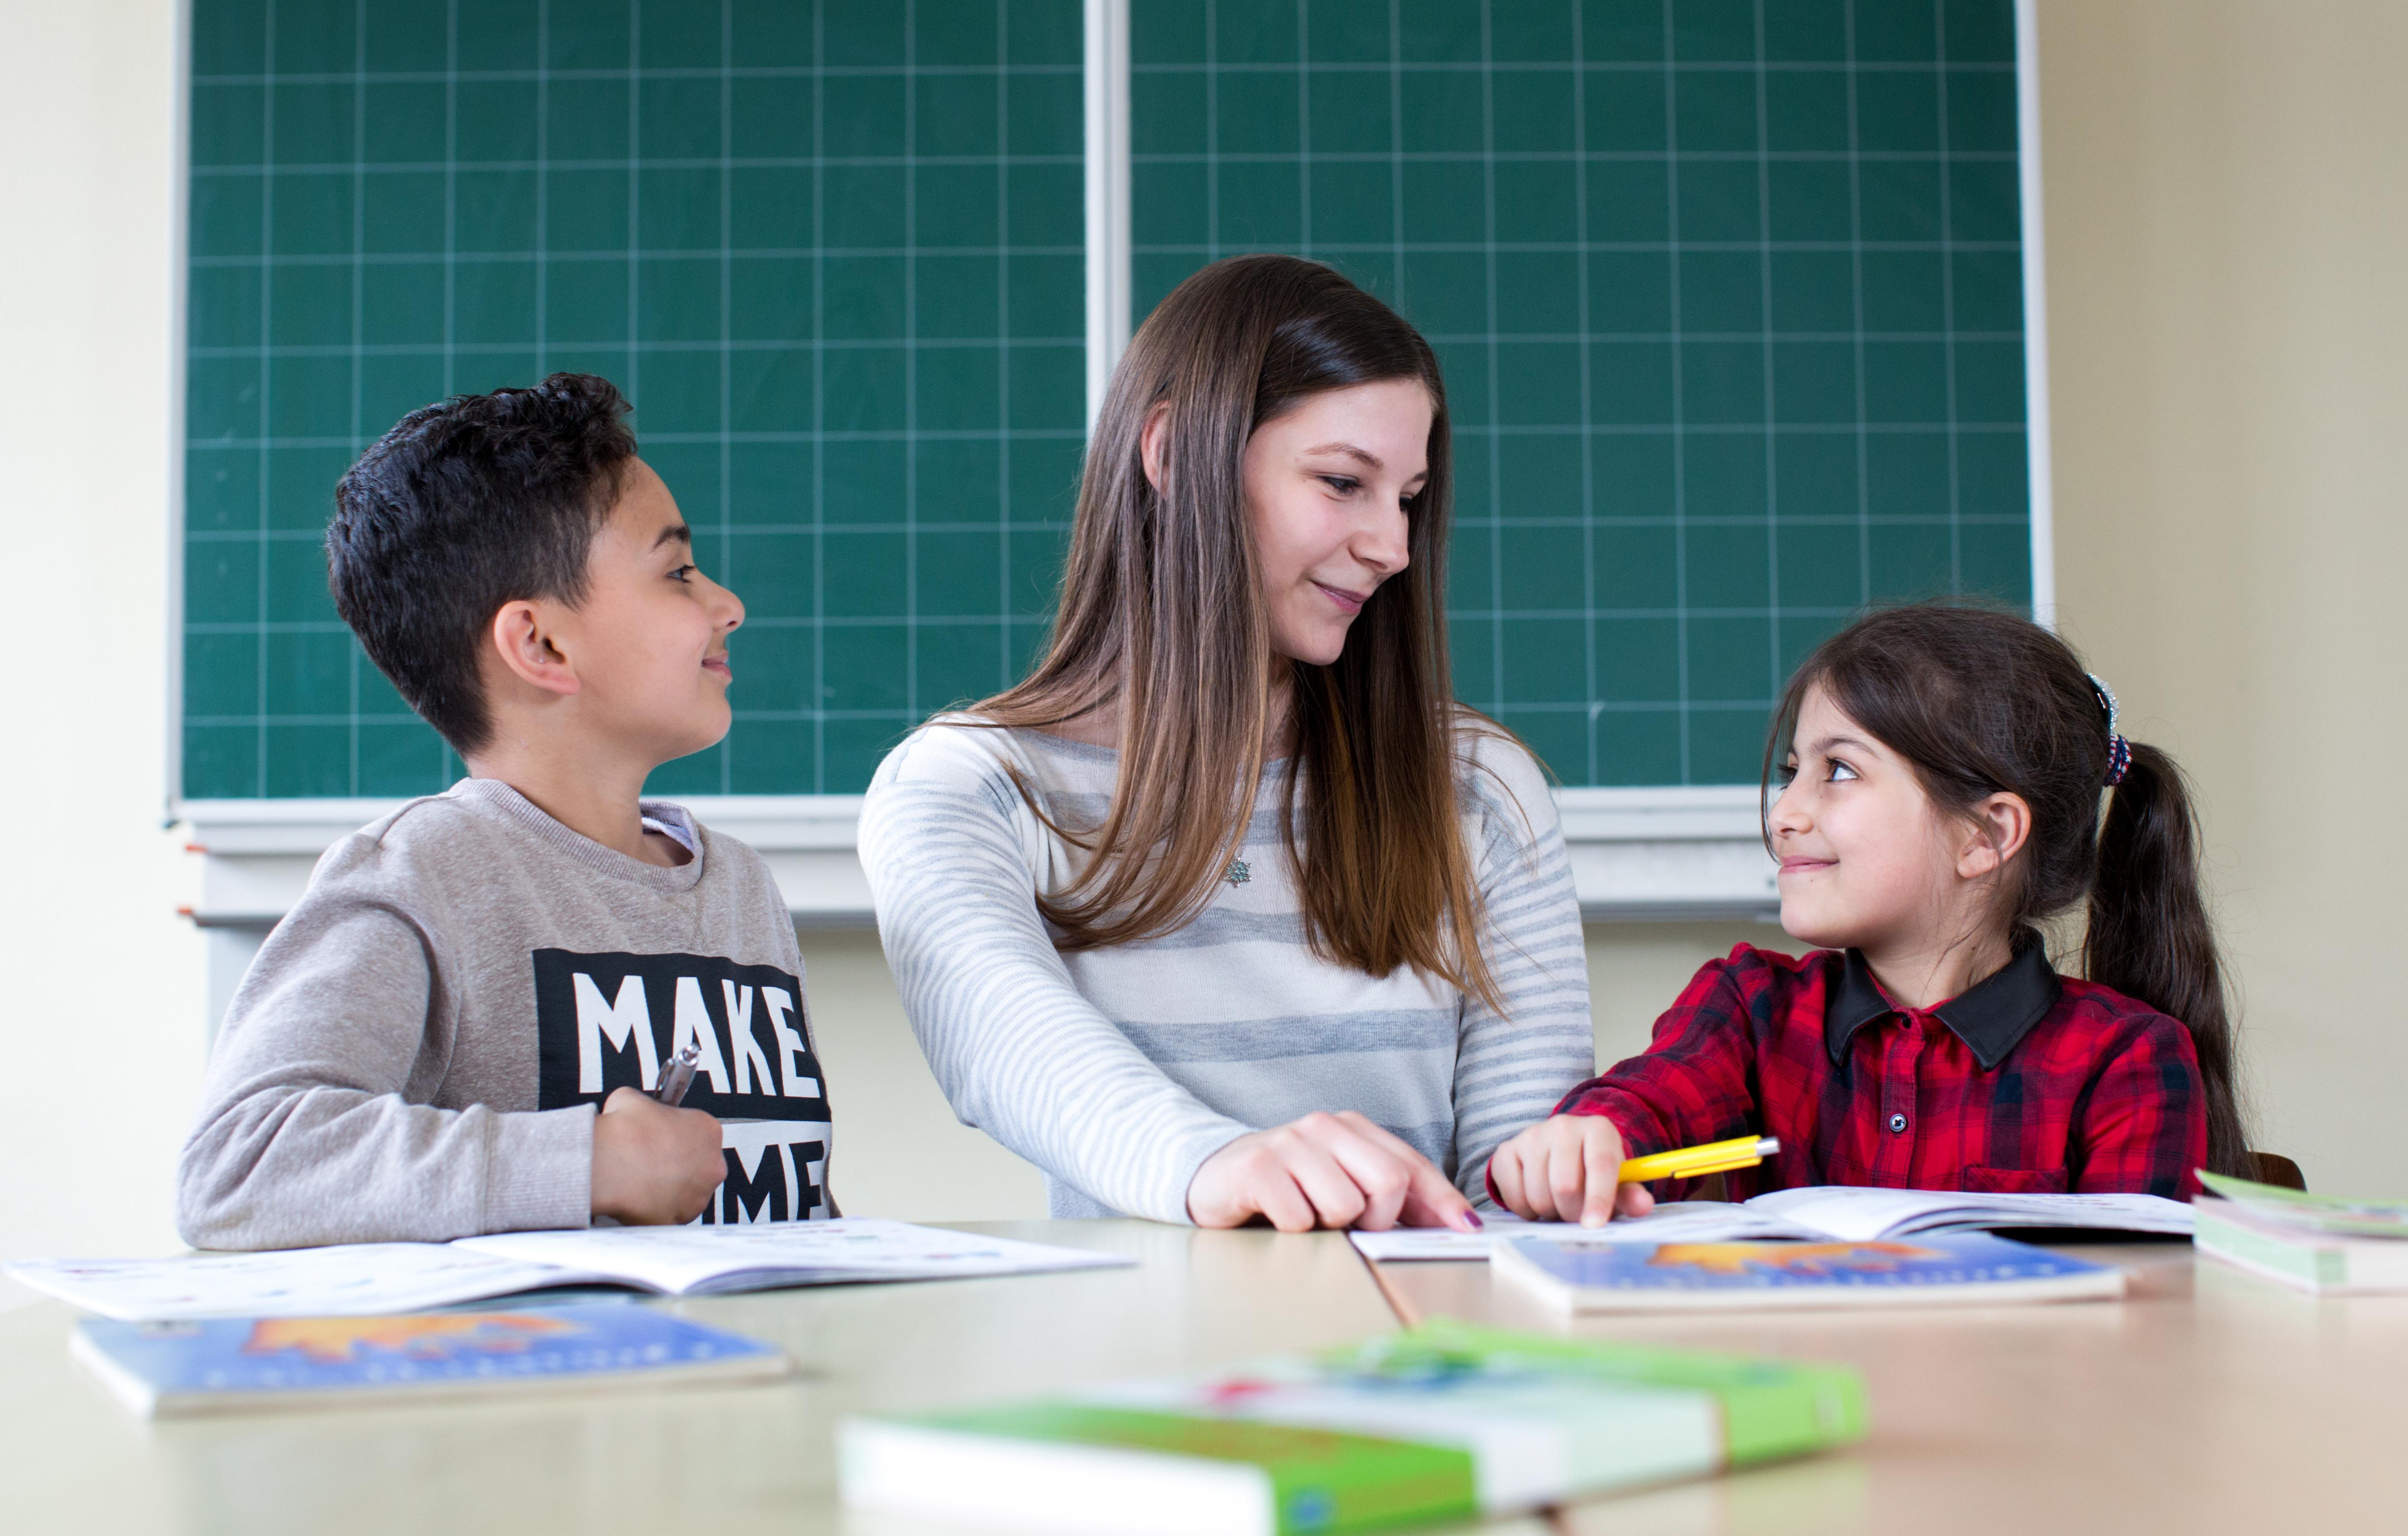 Eine junge Lehrerin sitzt zwischen einem kleinen Mädchen und einem Jungen, denen sie Nachhilfeunterricht gibt. Beide Kinder hören freudig gespannt zu.